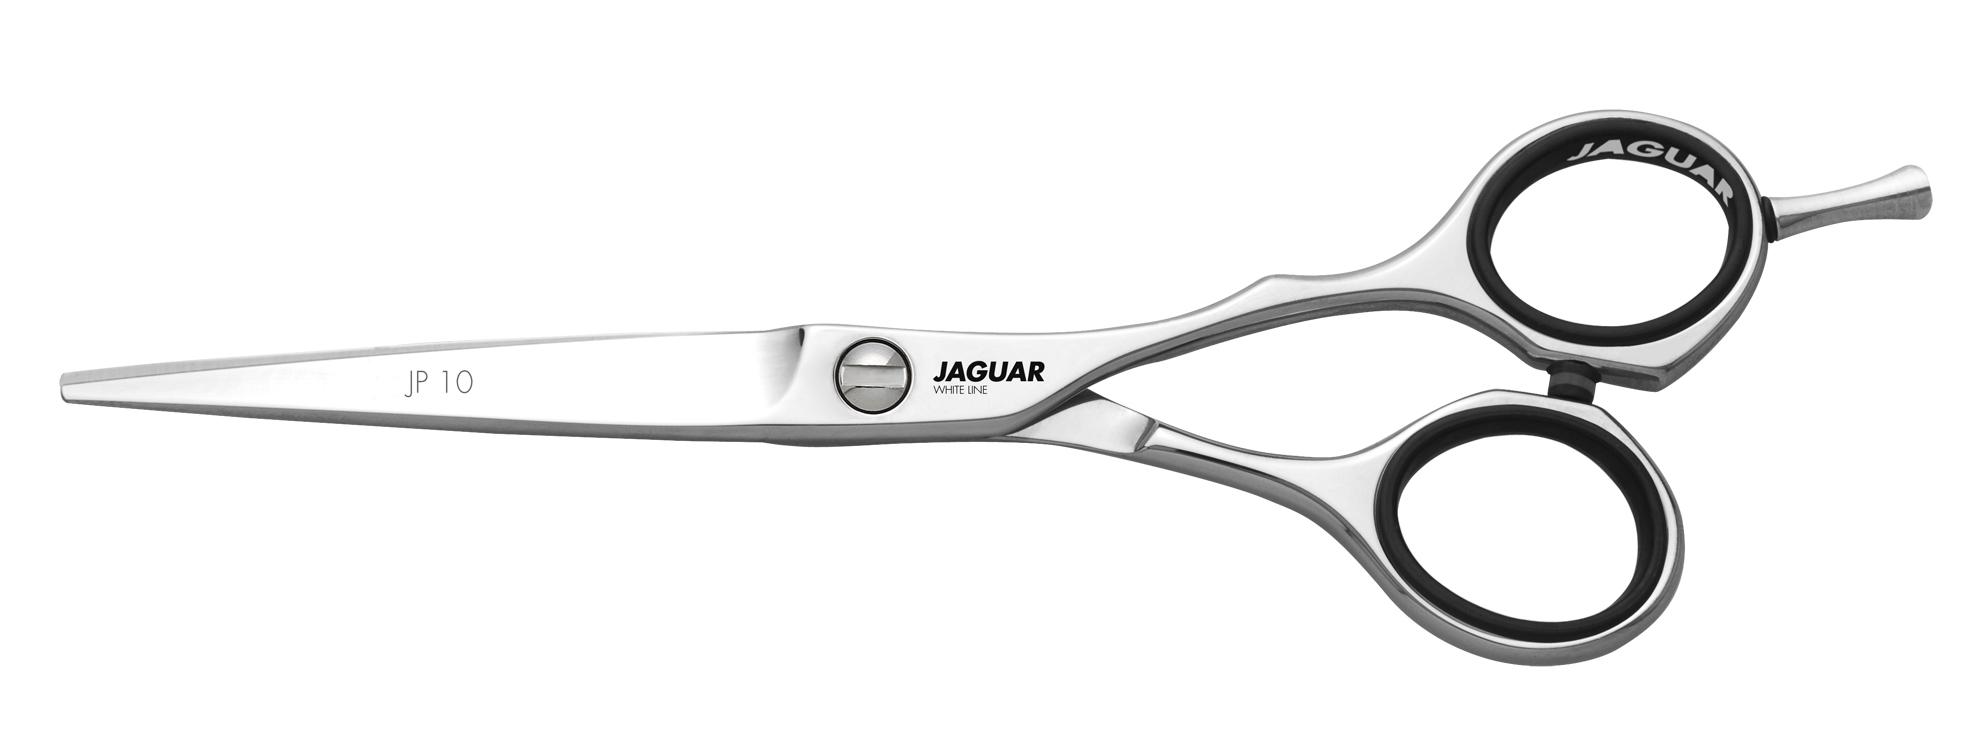 JAGUAR Ножницы A JP10 5.25' **